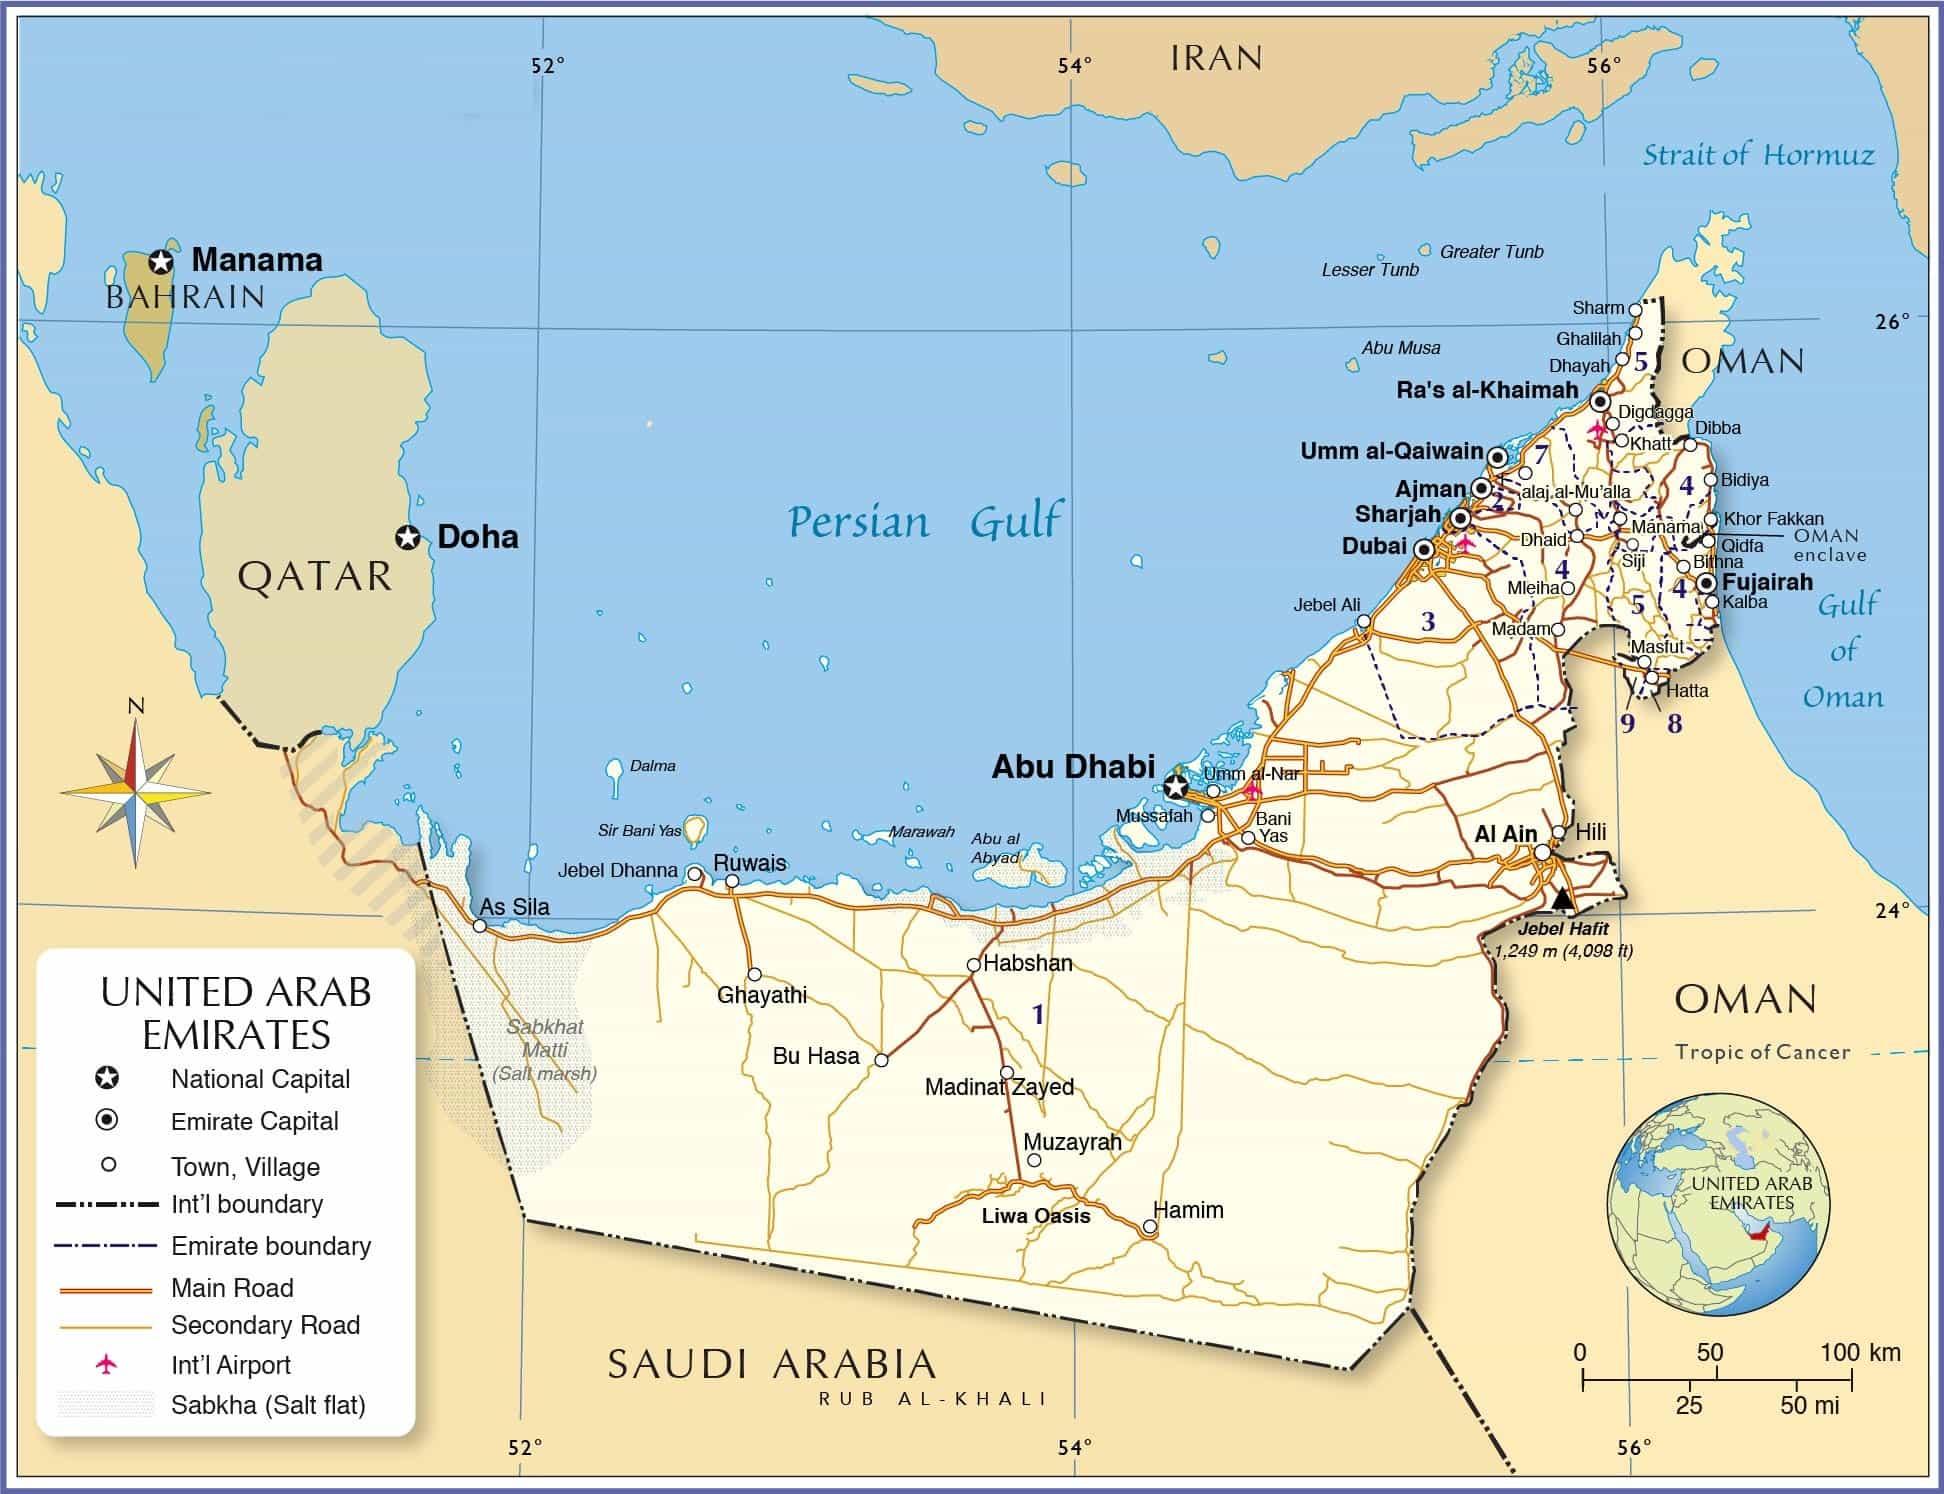 نقشه امارات متحده عربی